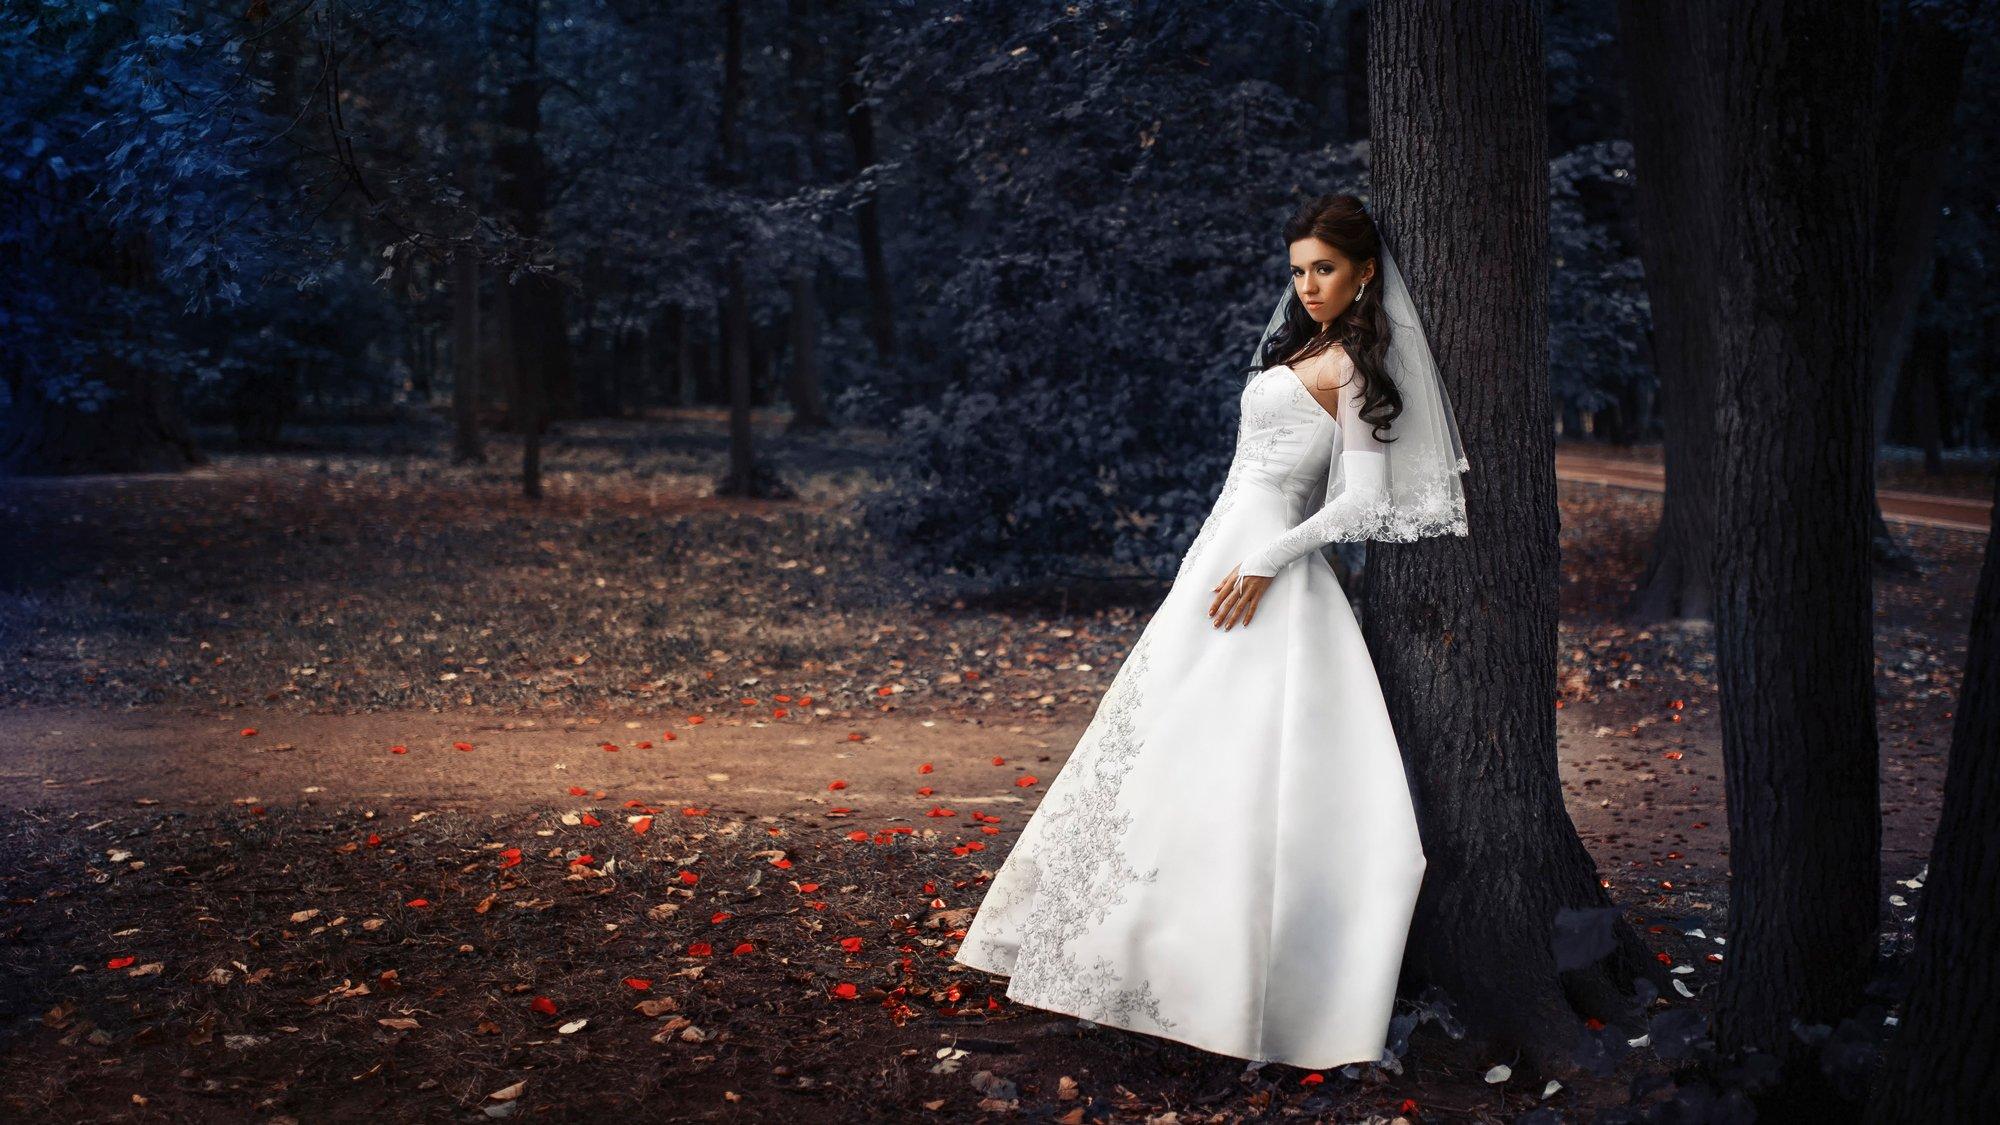 свадебное платье девушка туфли осень загрузить